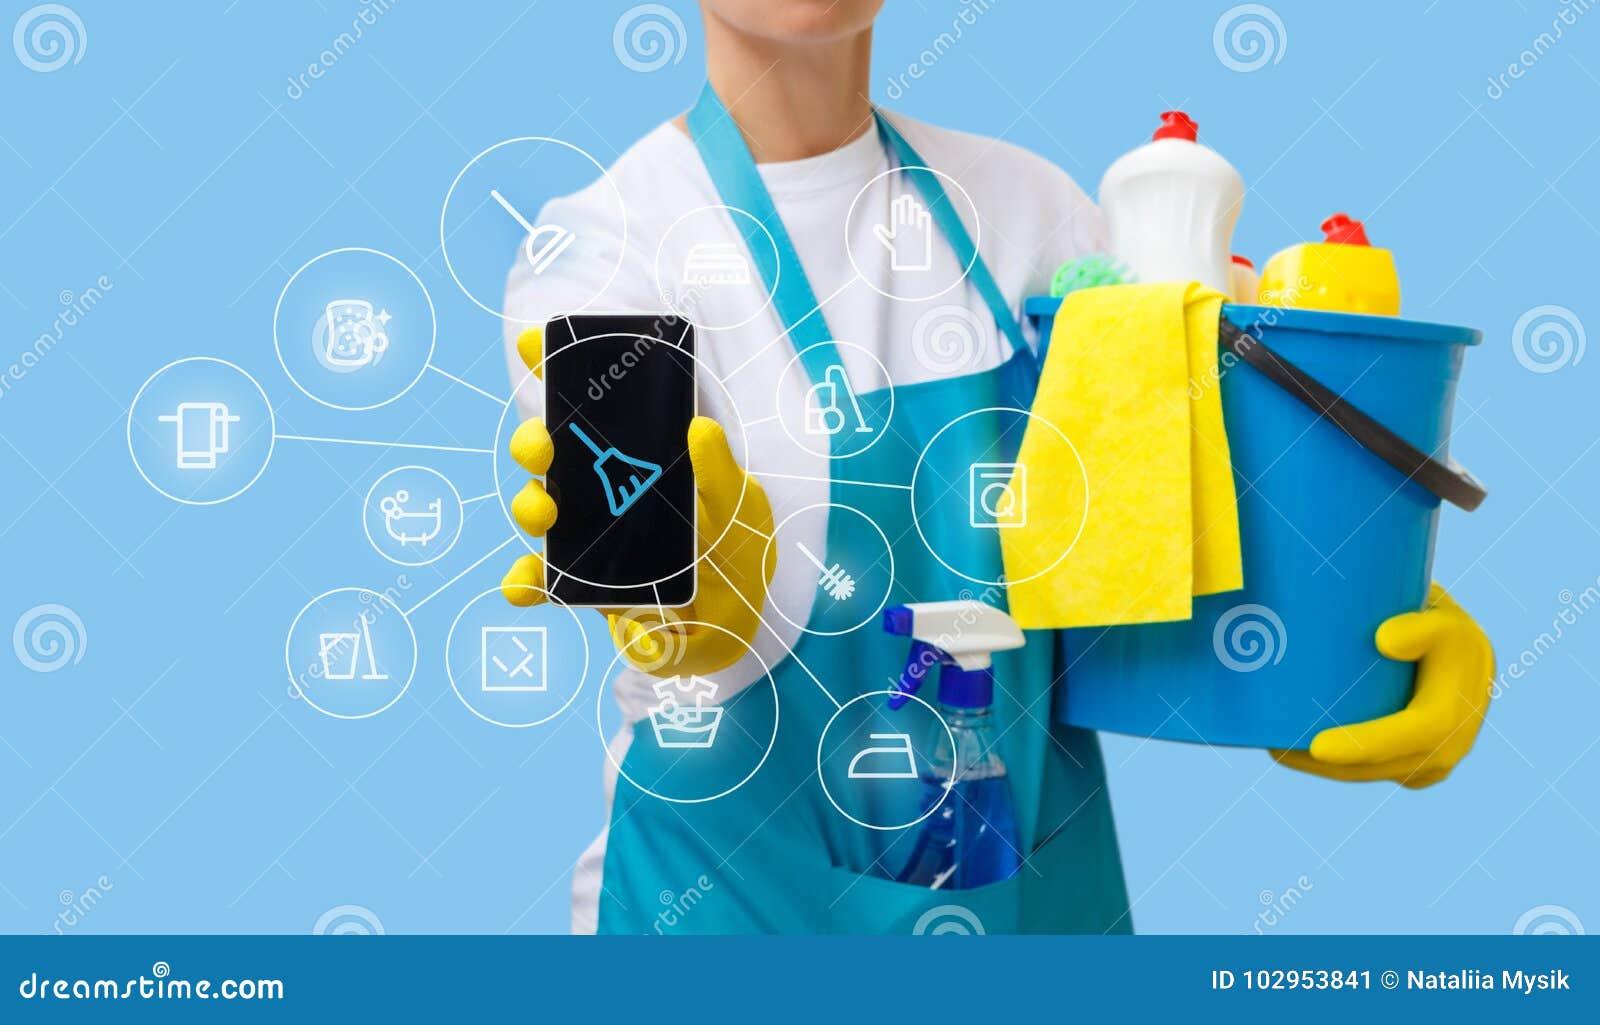 Zastosowanie housekeeping usługa w telefonie komórkowym